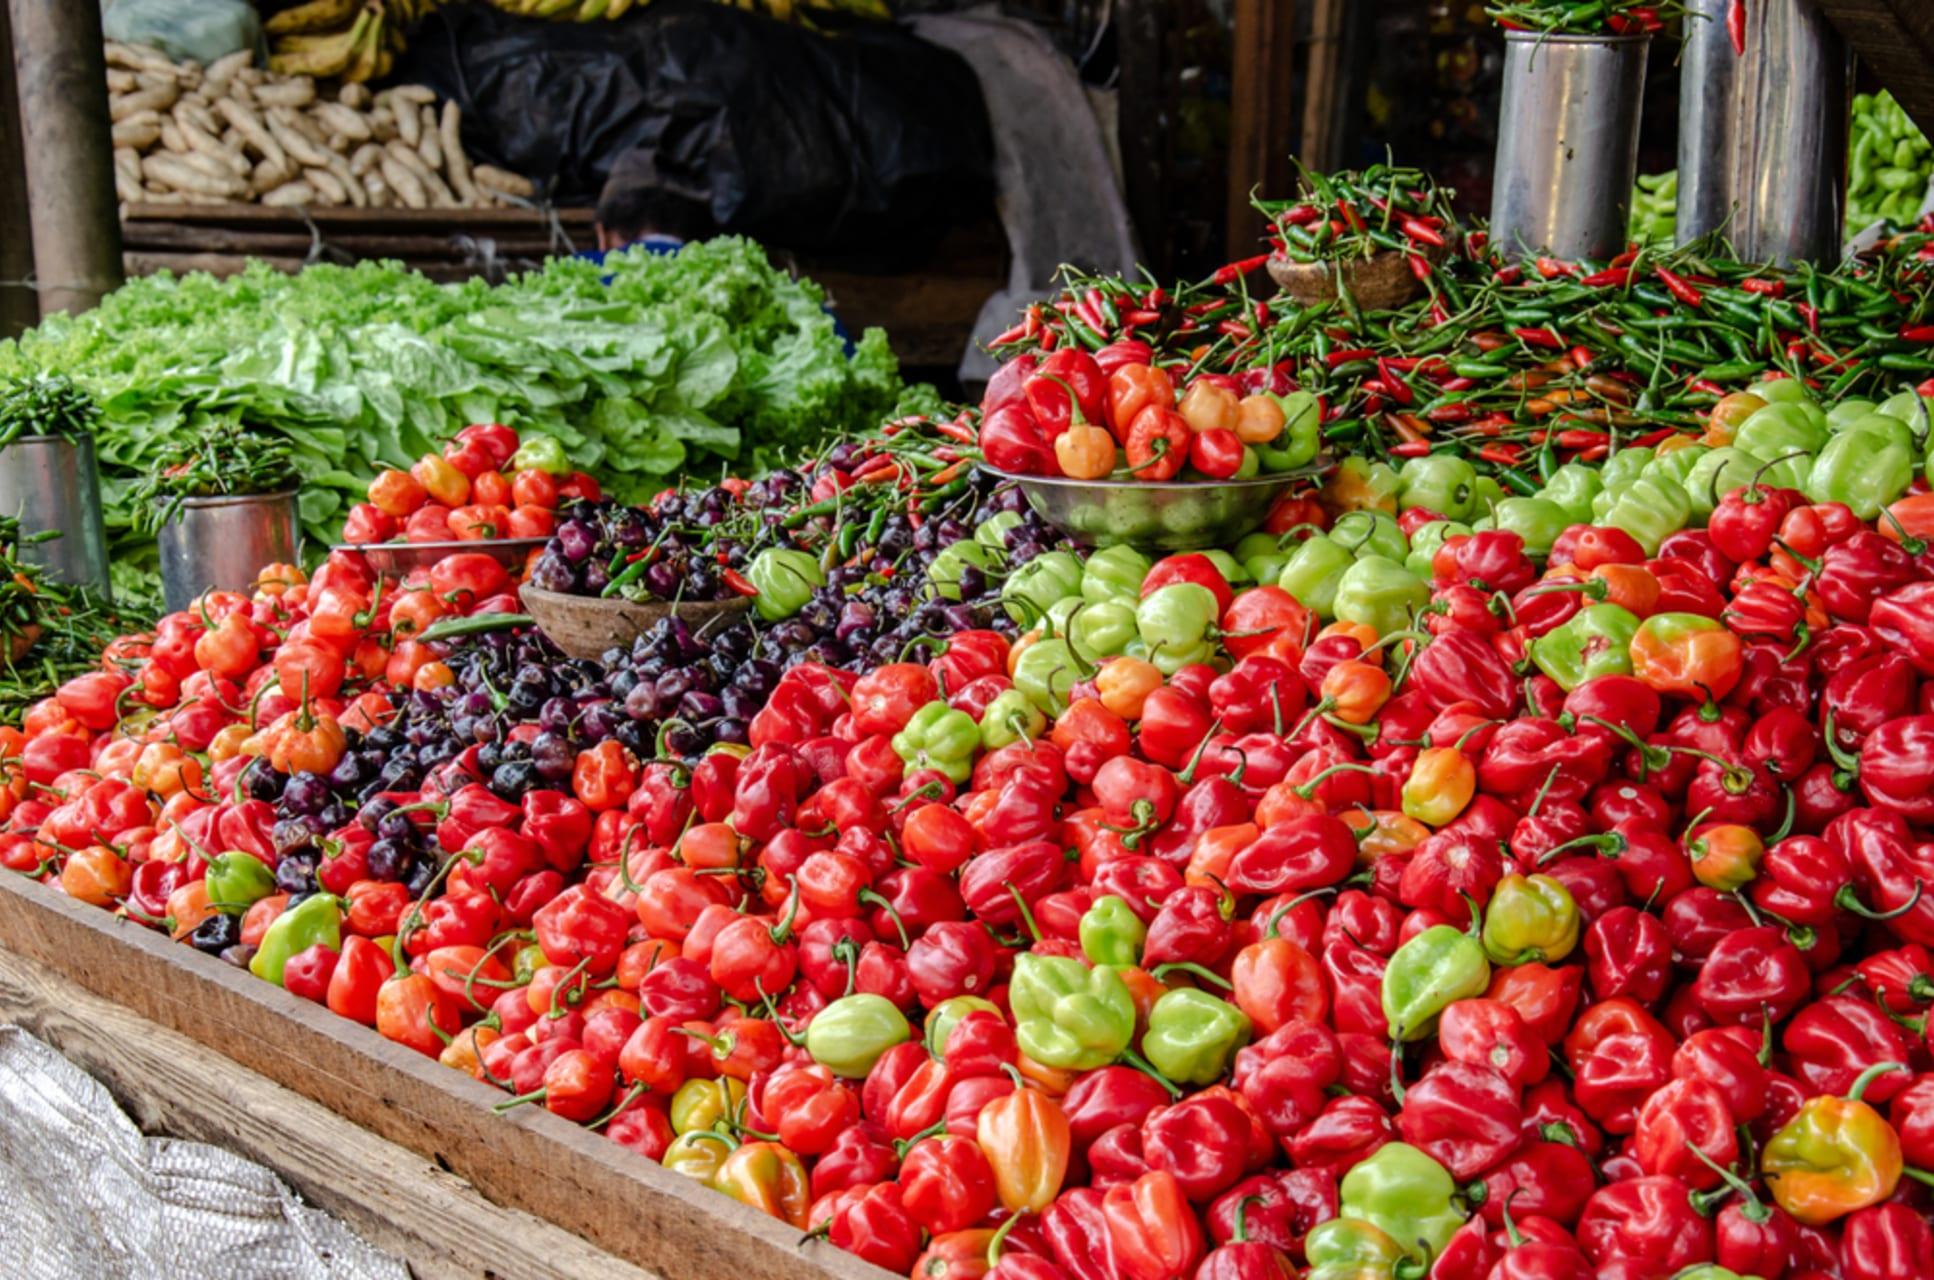 Salvador Bahia - Brazil Grand Tour - Food Experience in Bahia